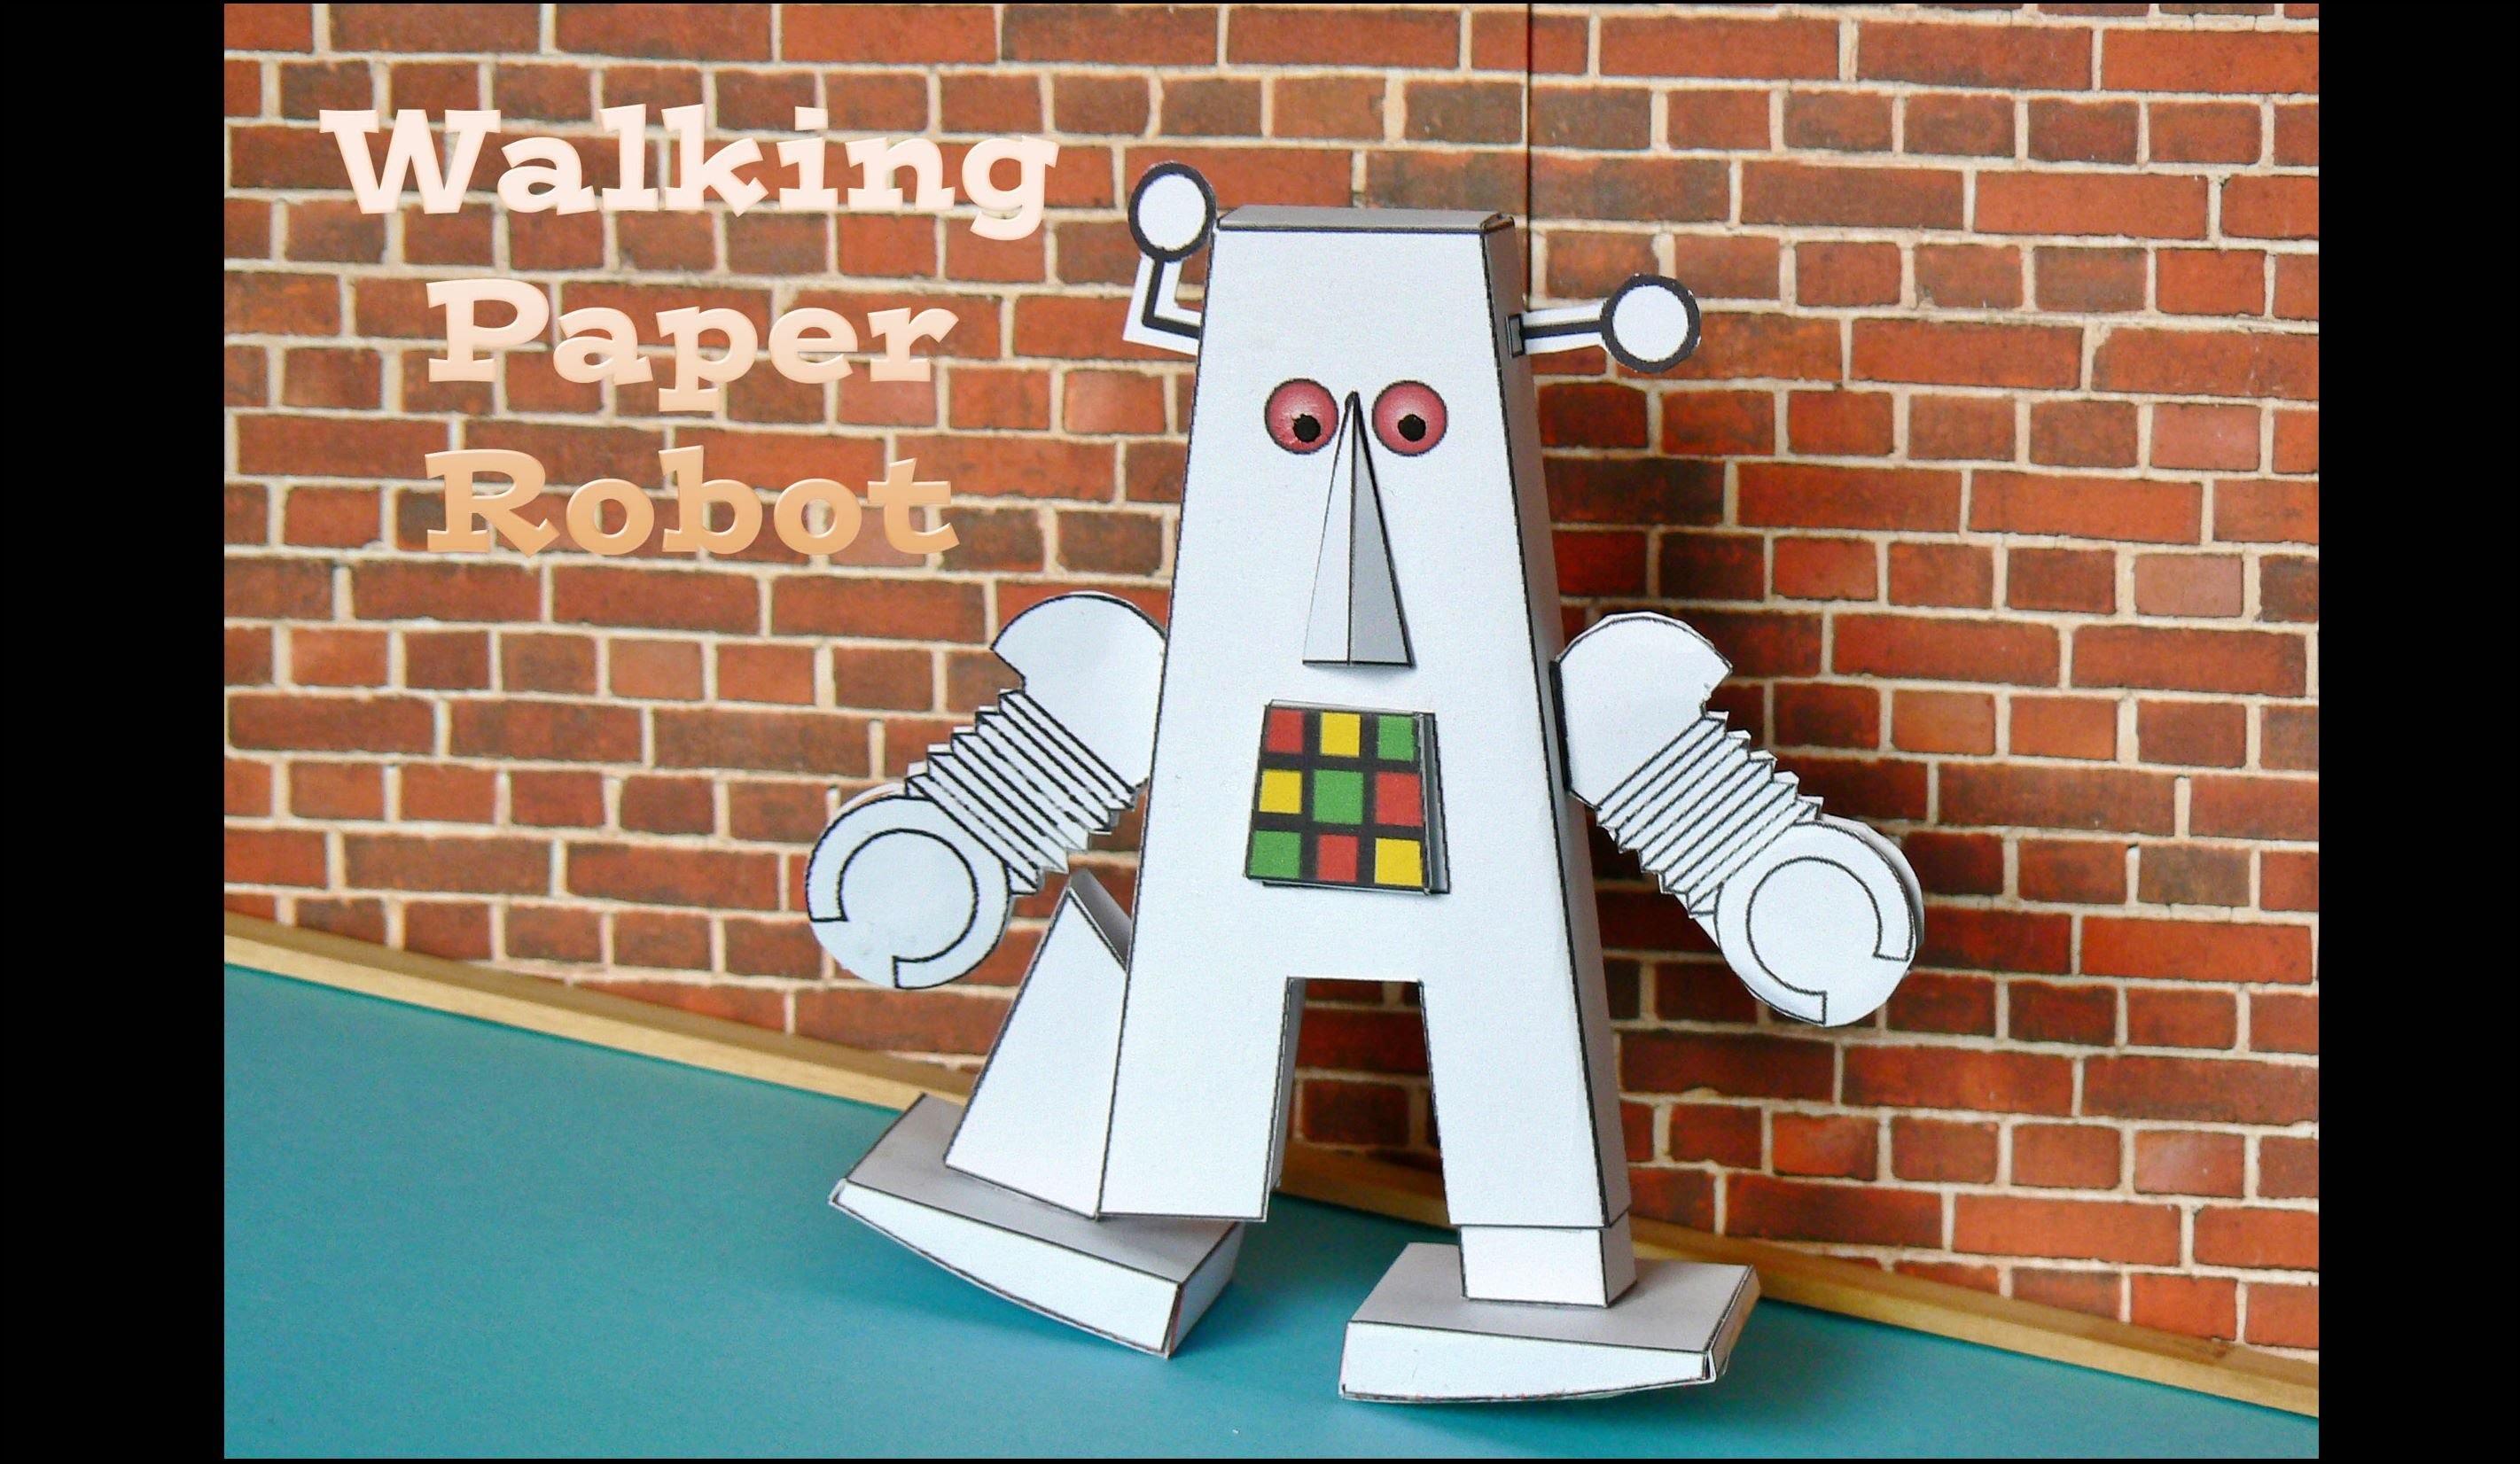 Walking Paper Robot